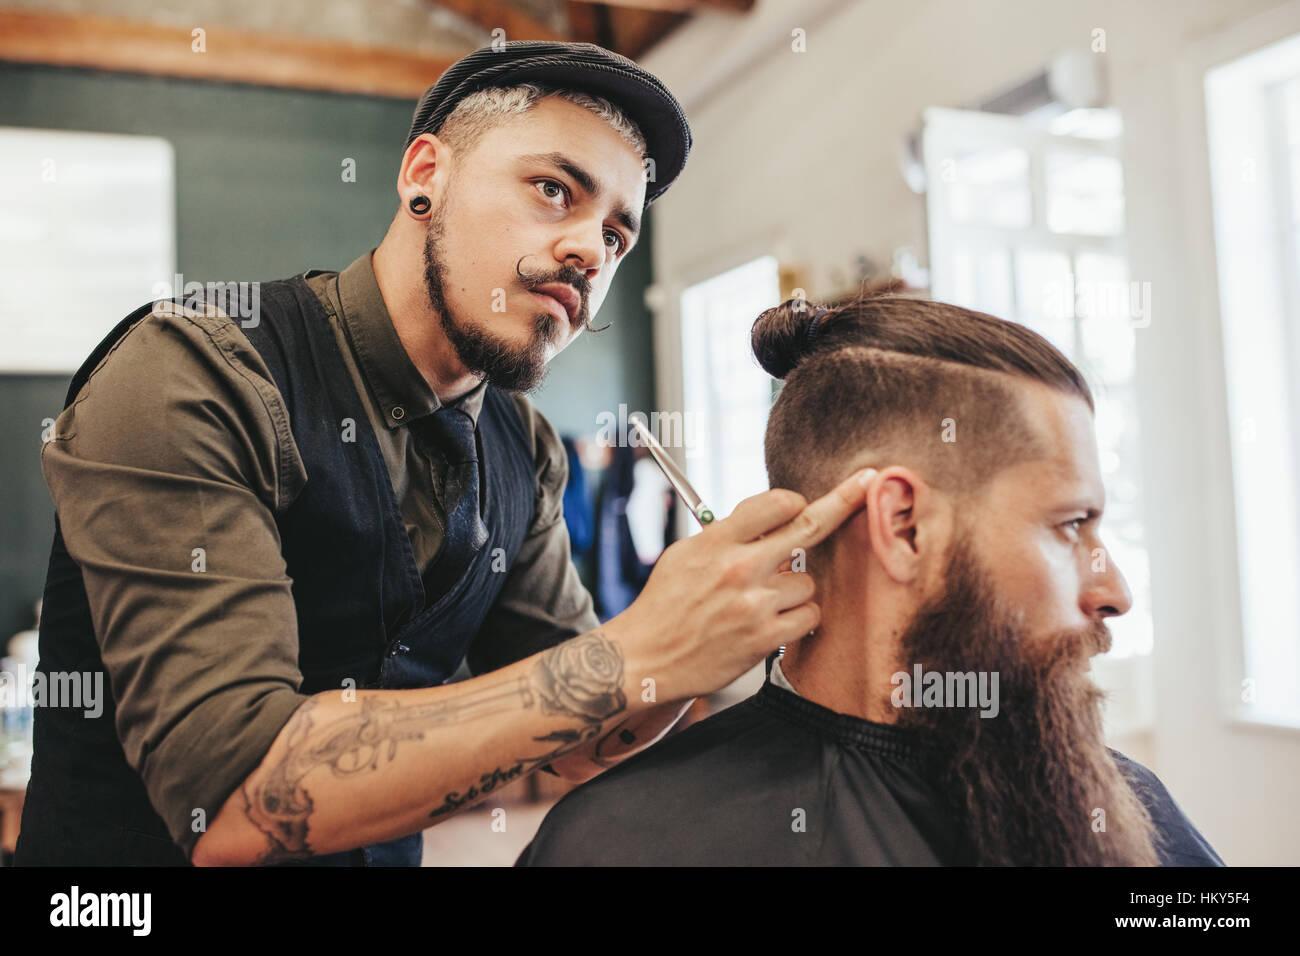 Vérification de la symétrie coiffure coupe de cheveux de son client. Homme barbu se coupe de la mode par Photo Stock